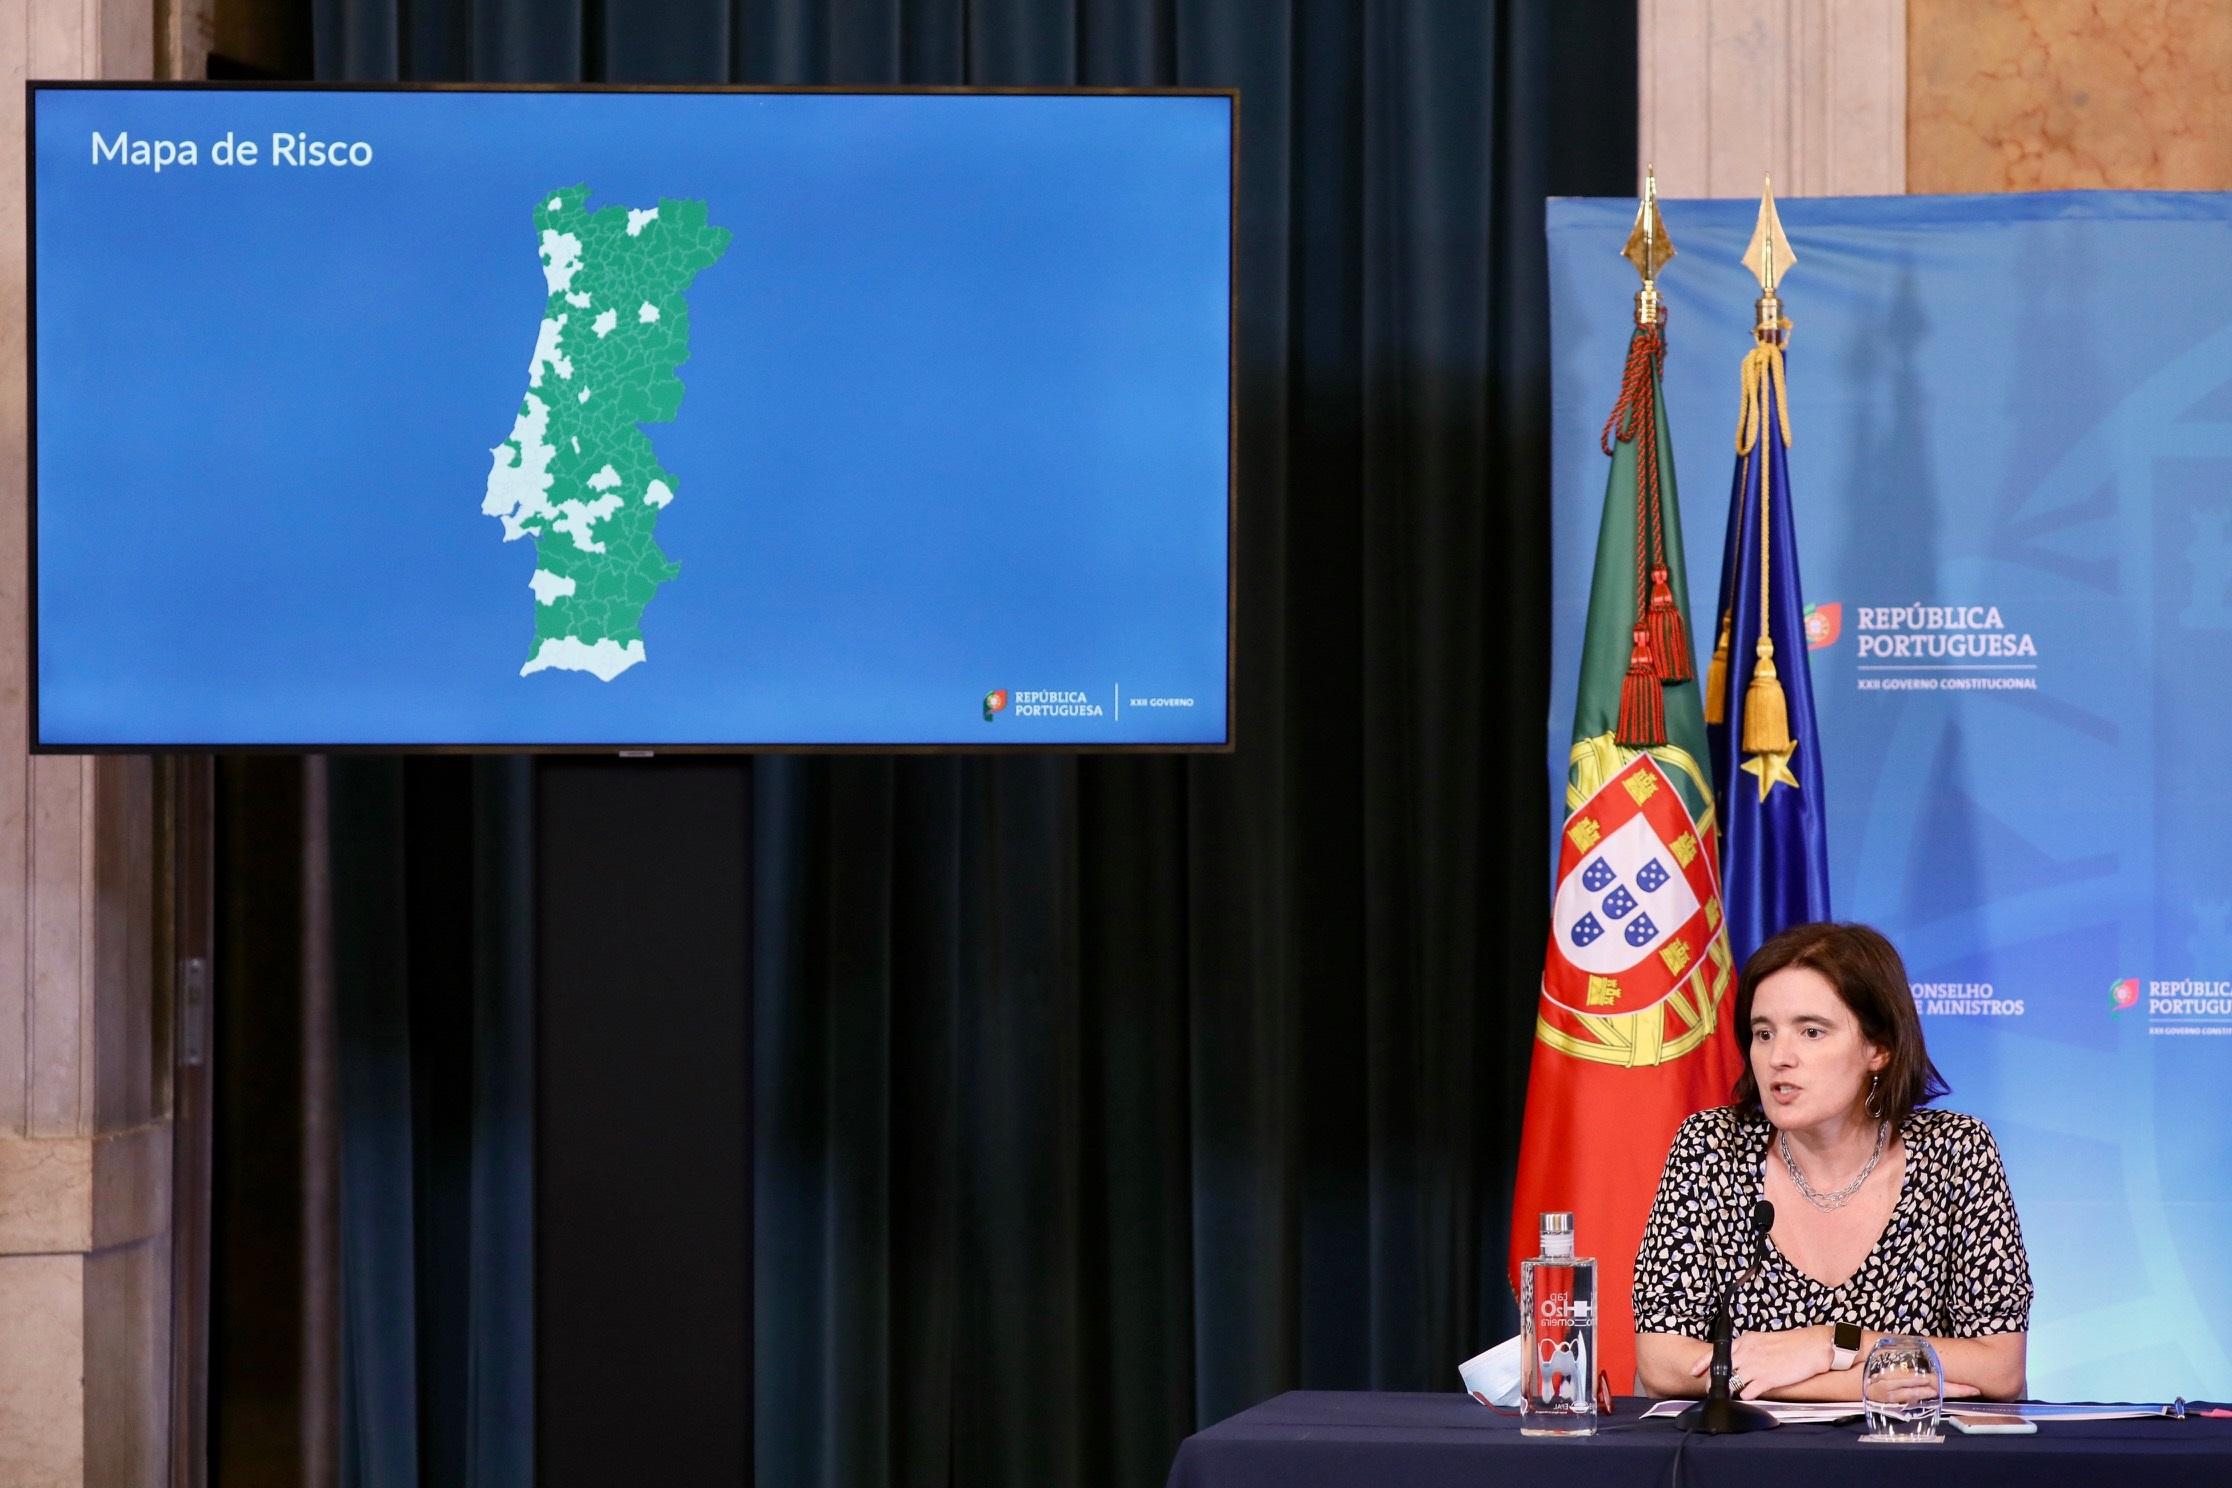 Portugalia sytuacja epidemiologiczna aktualne informacje lipiec 2021 wakacje regulacje testy covid informacje opis z pierwszej ręki przewodnik